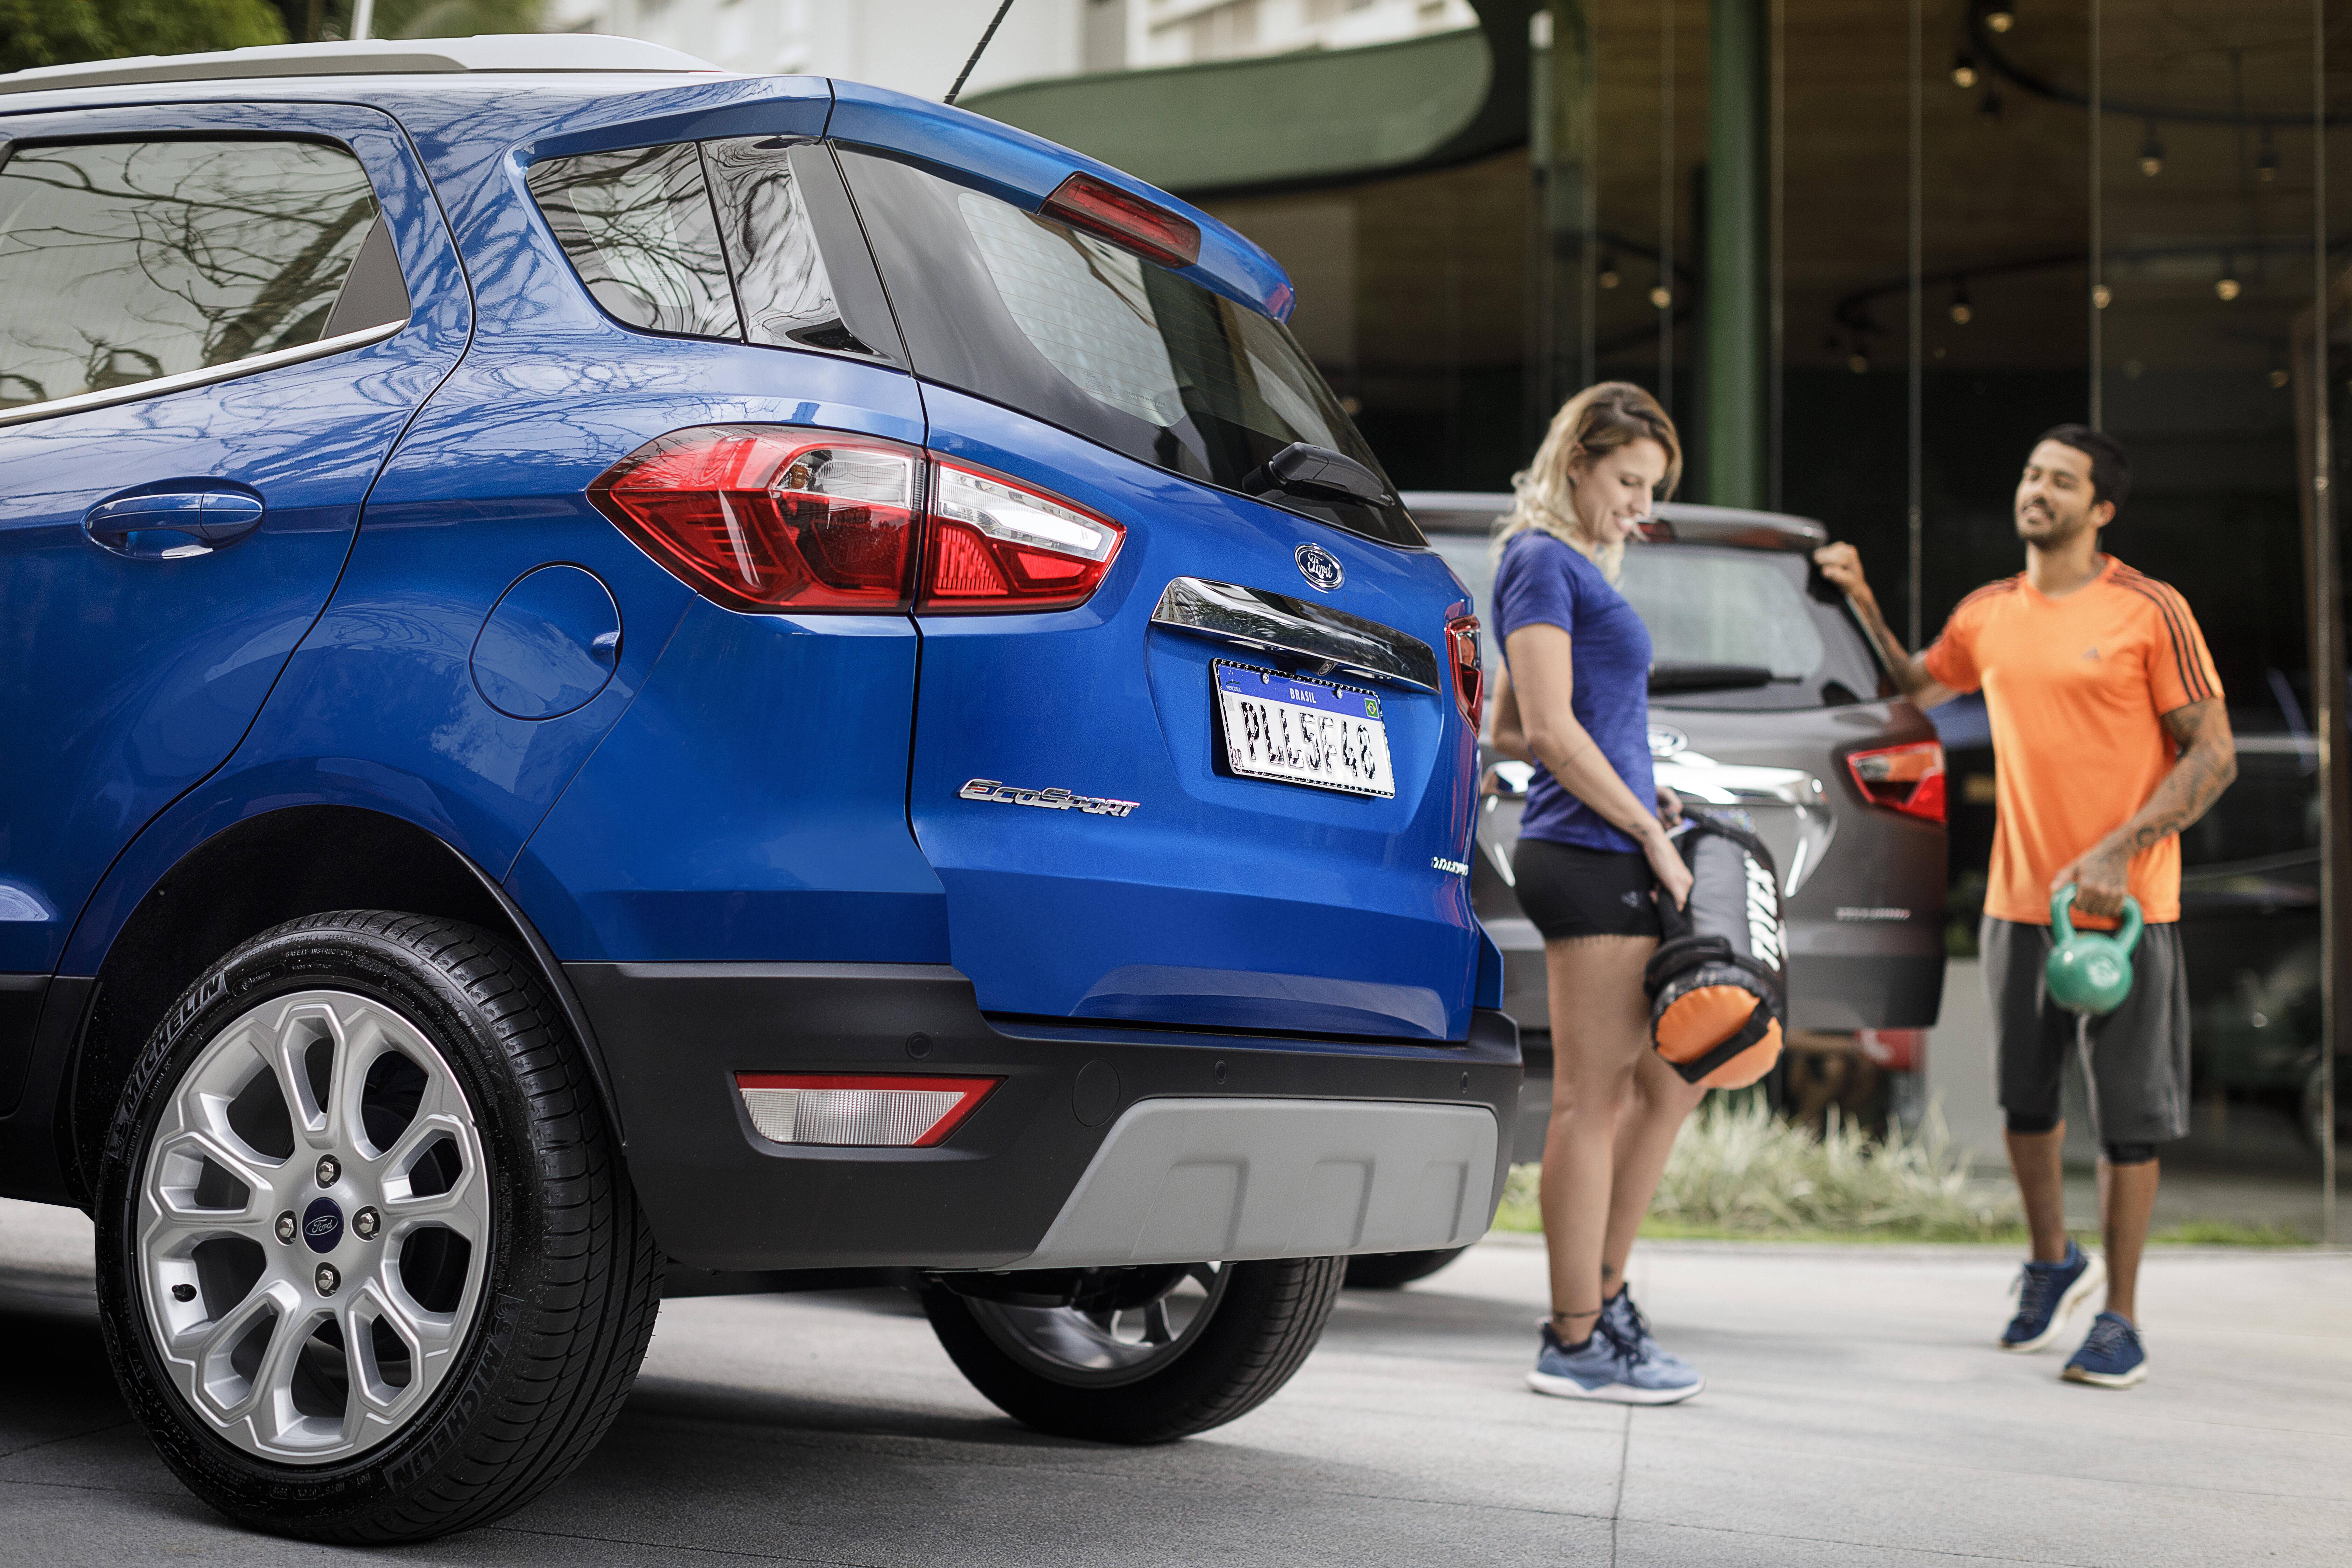 Ford EcoSport 2019. Foto: Divulgação